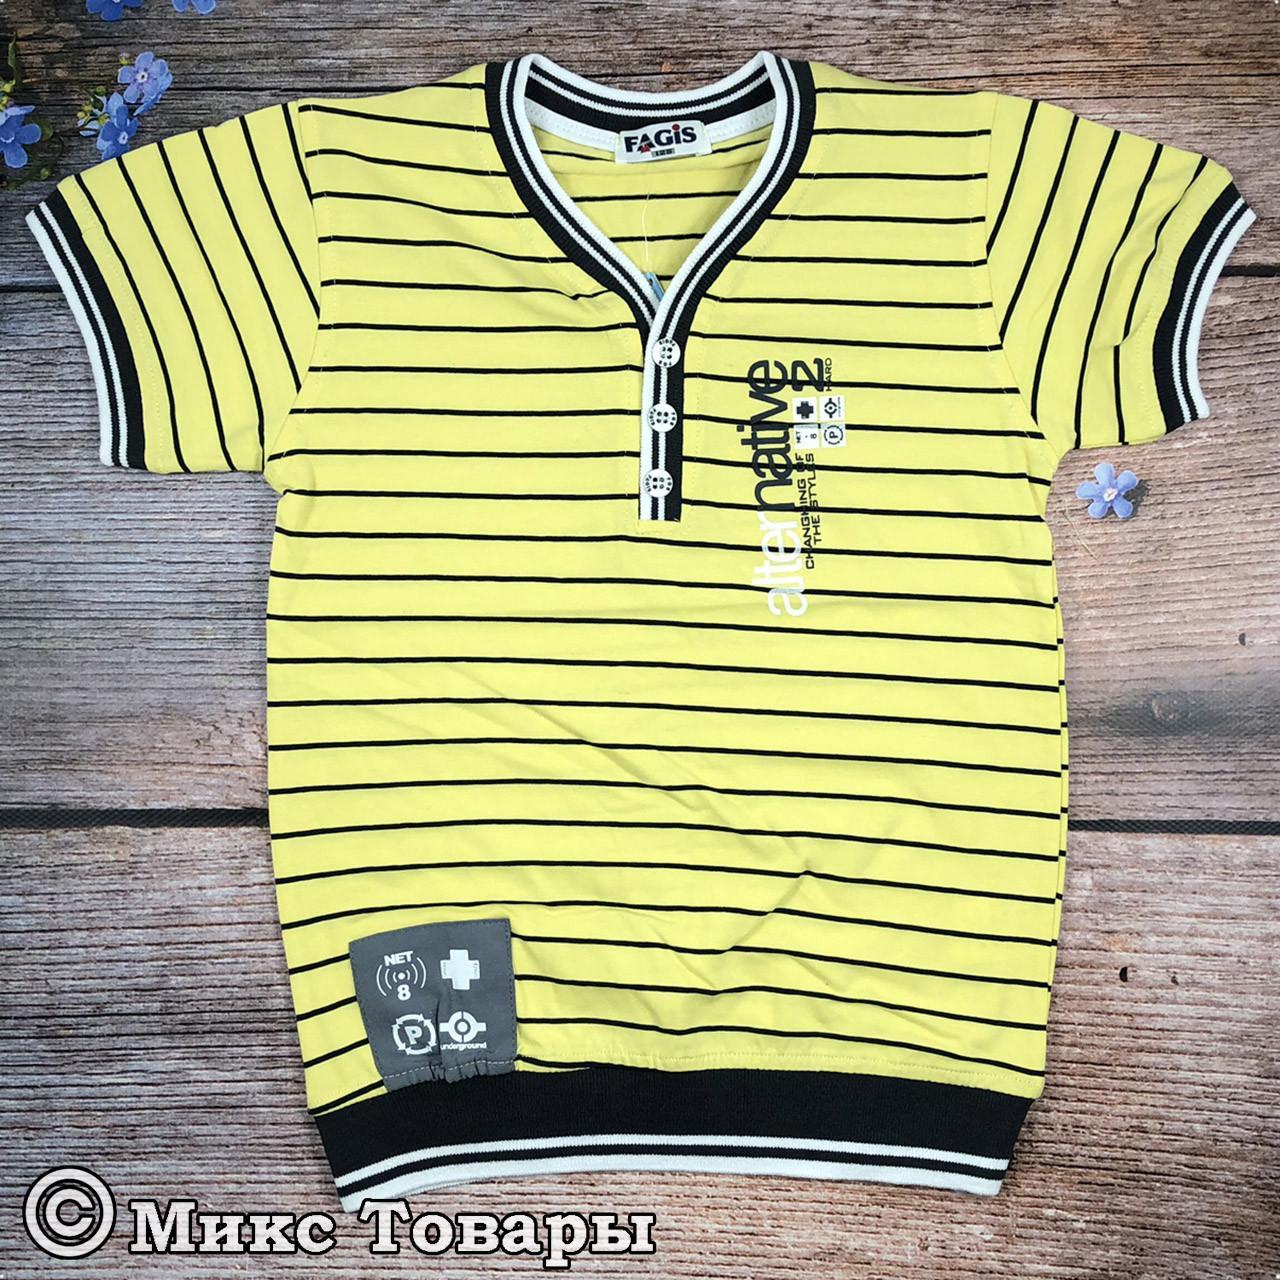 Модные футболки для мальчика фирма Фагис Размеры: 128,152,164 см (8068)